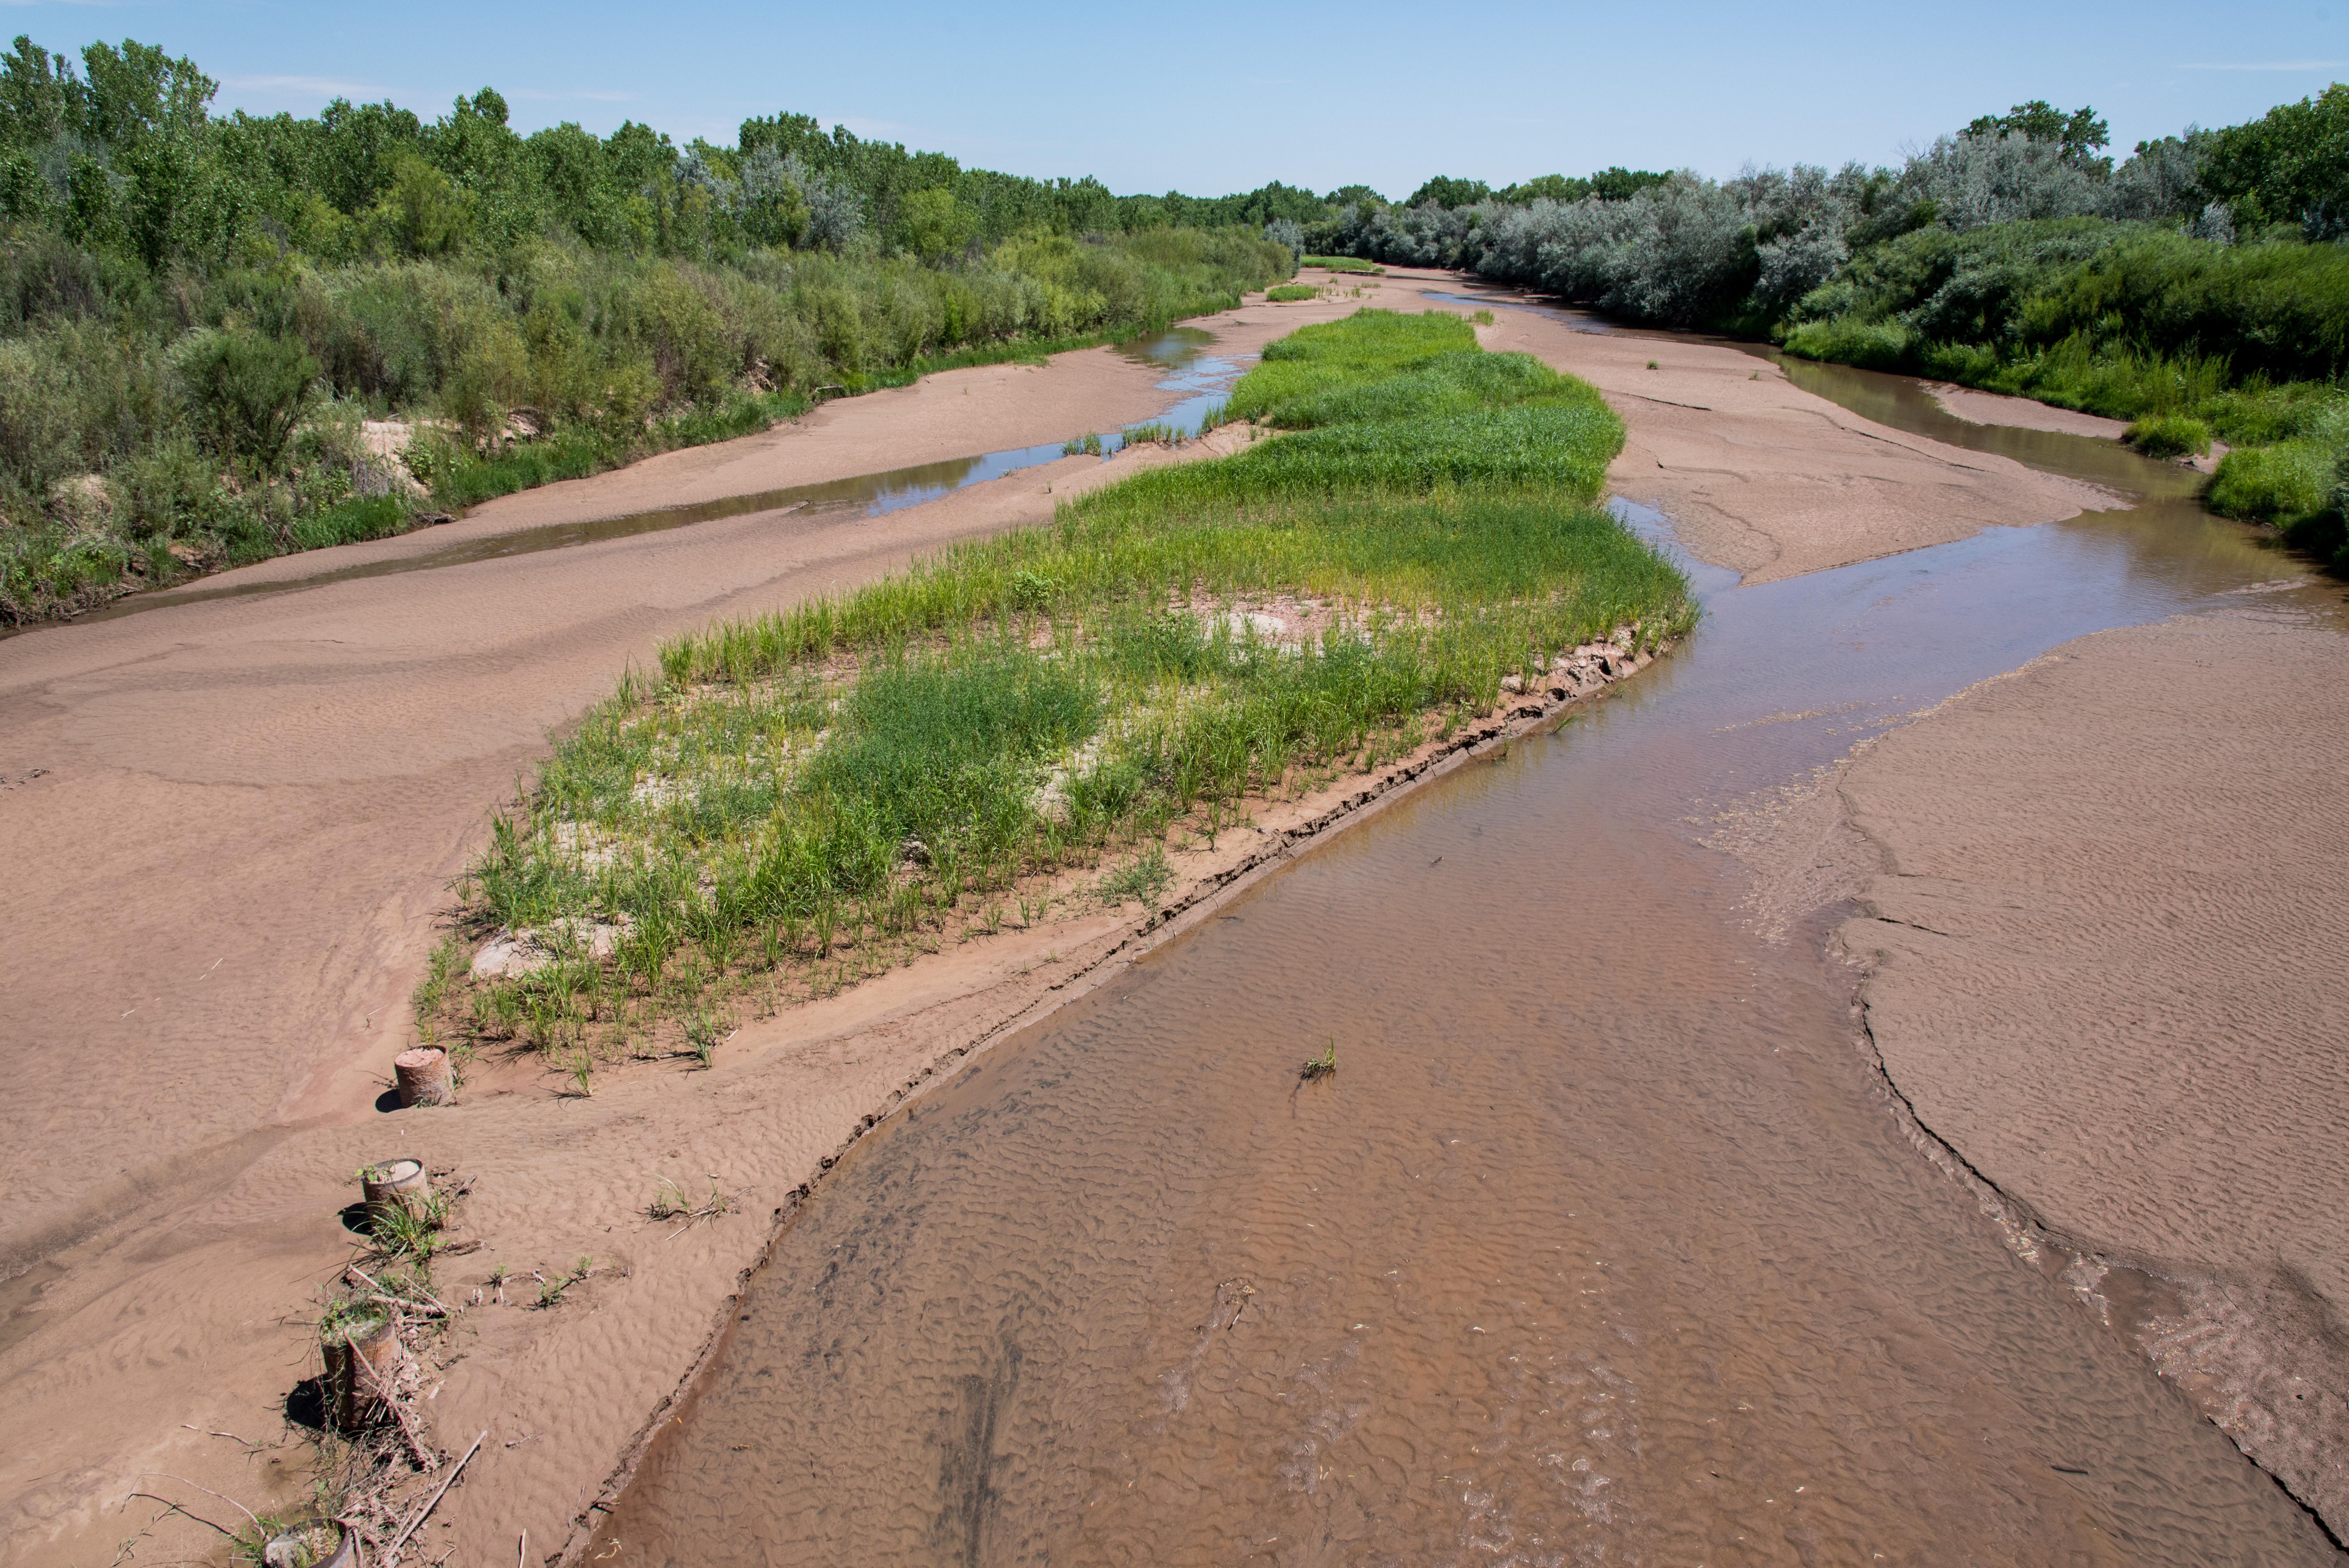 The Rio Grande at